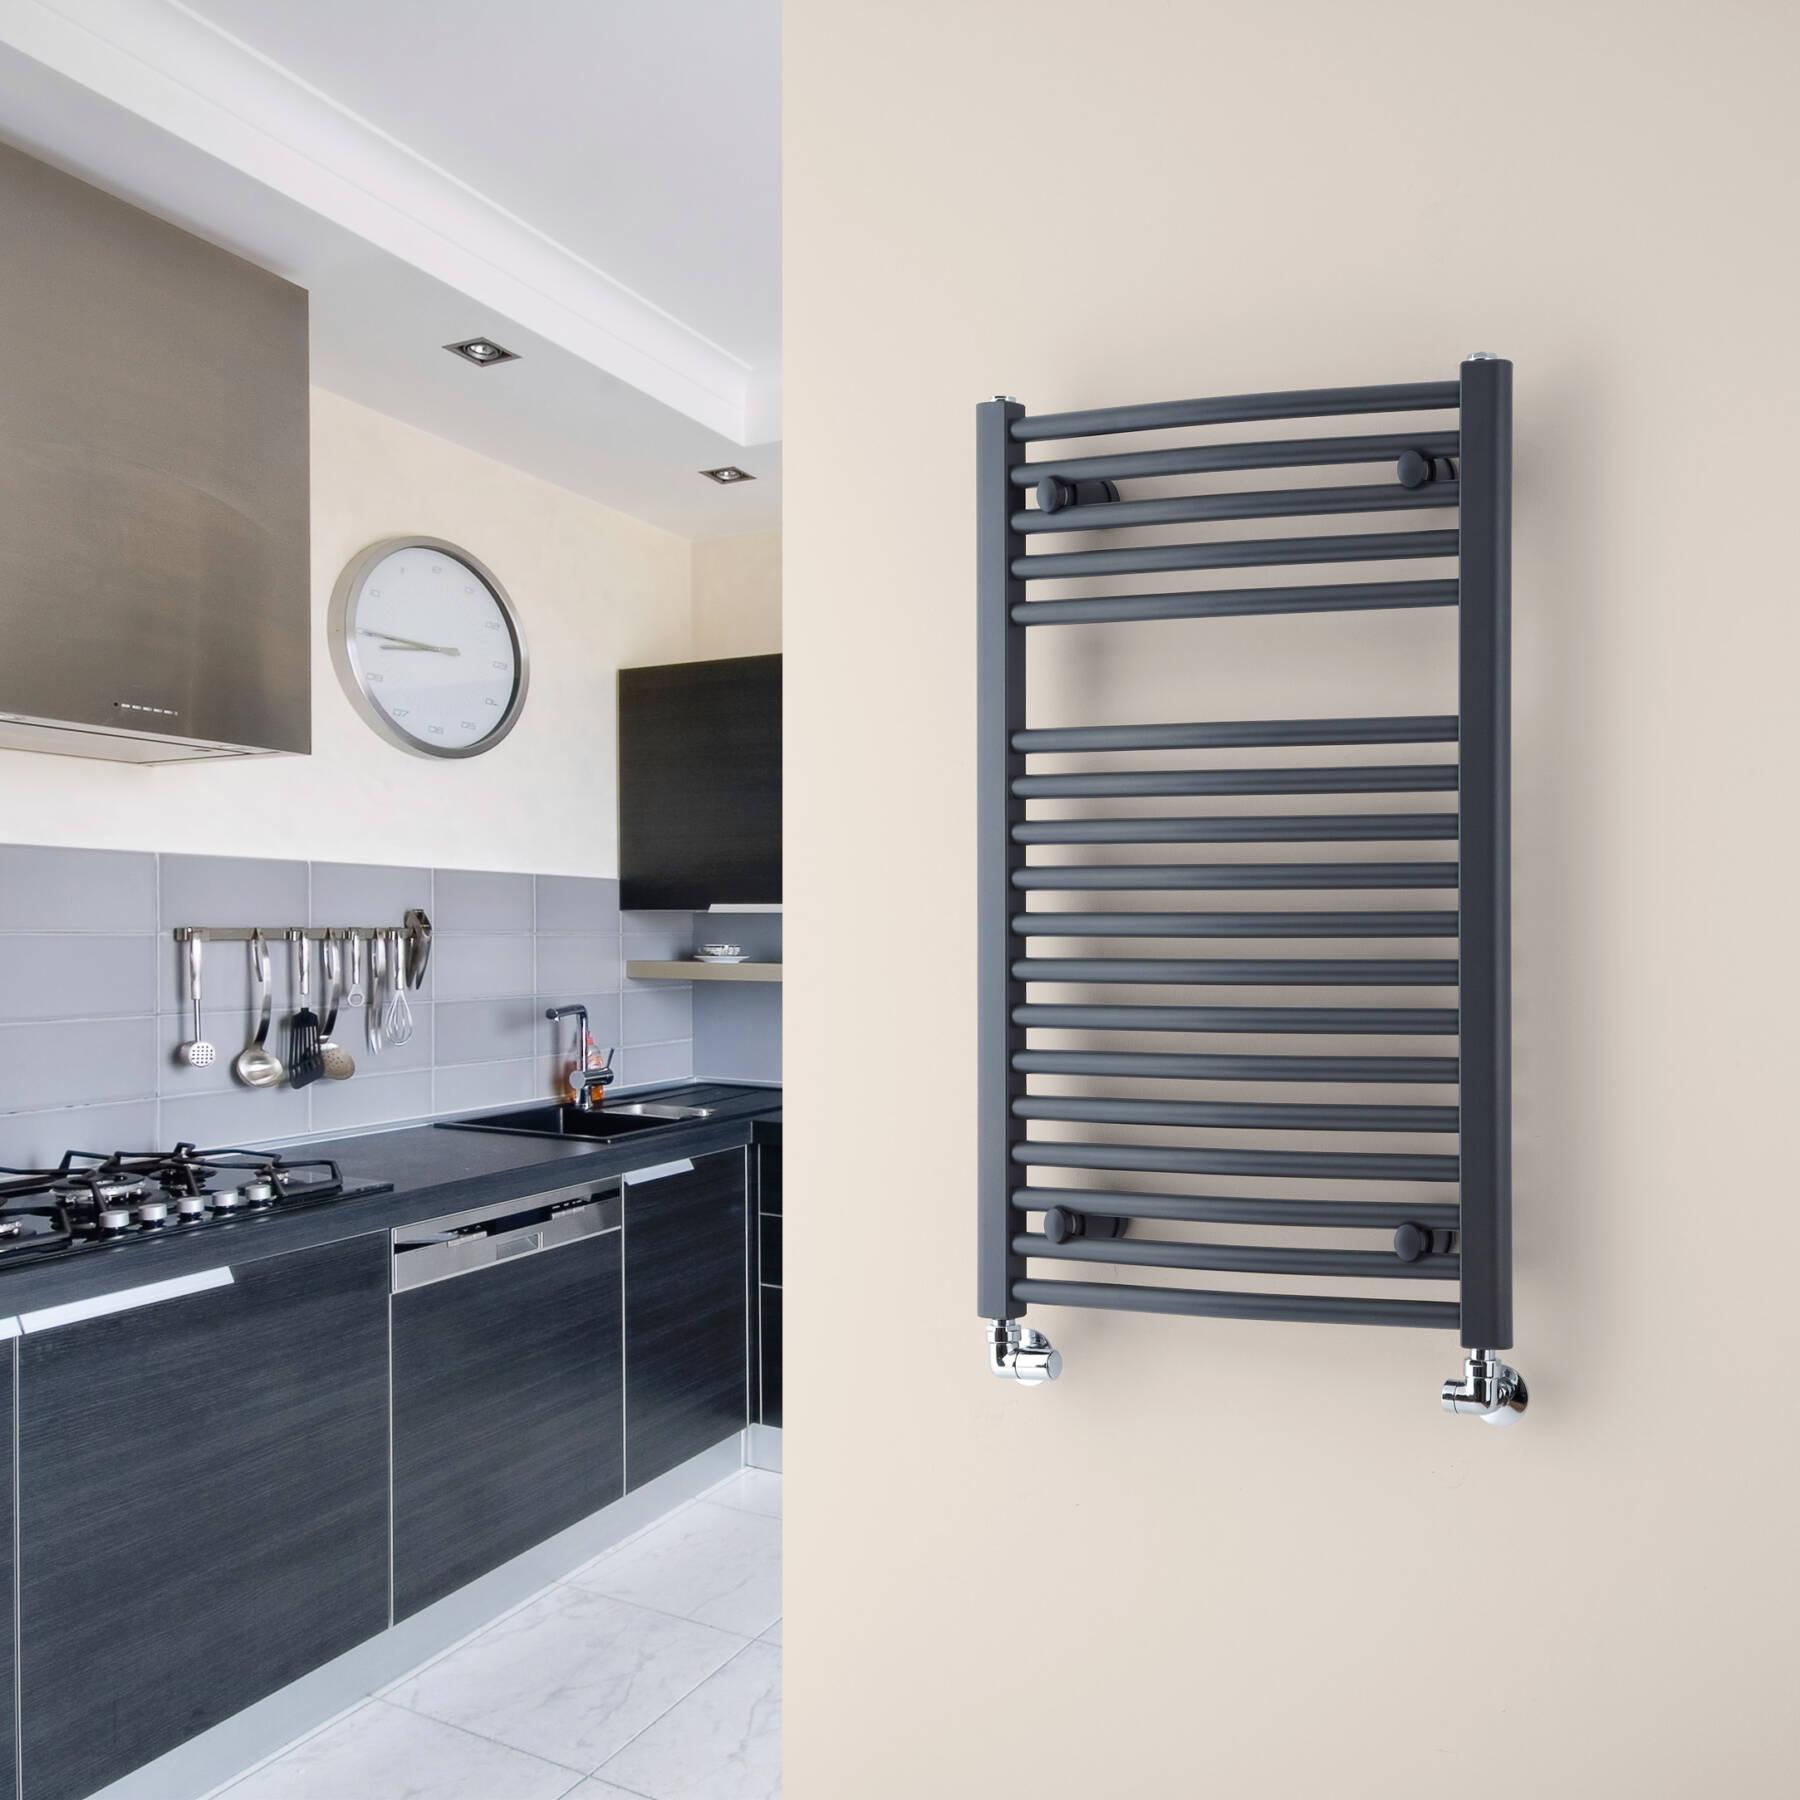 Towel warming kitchen radiator